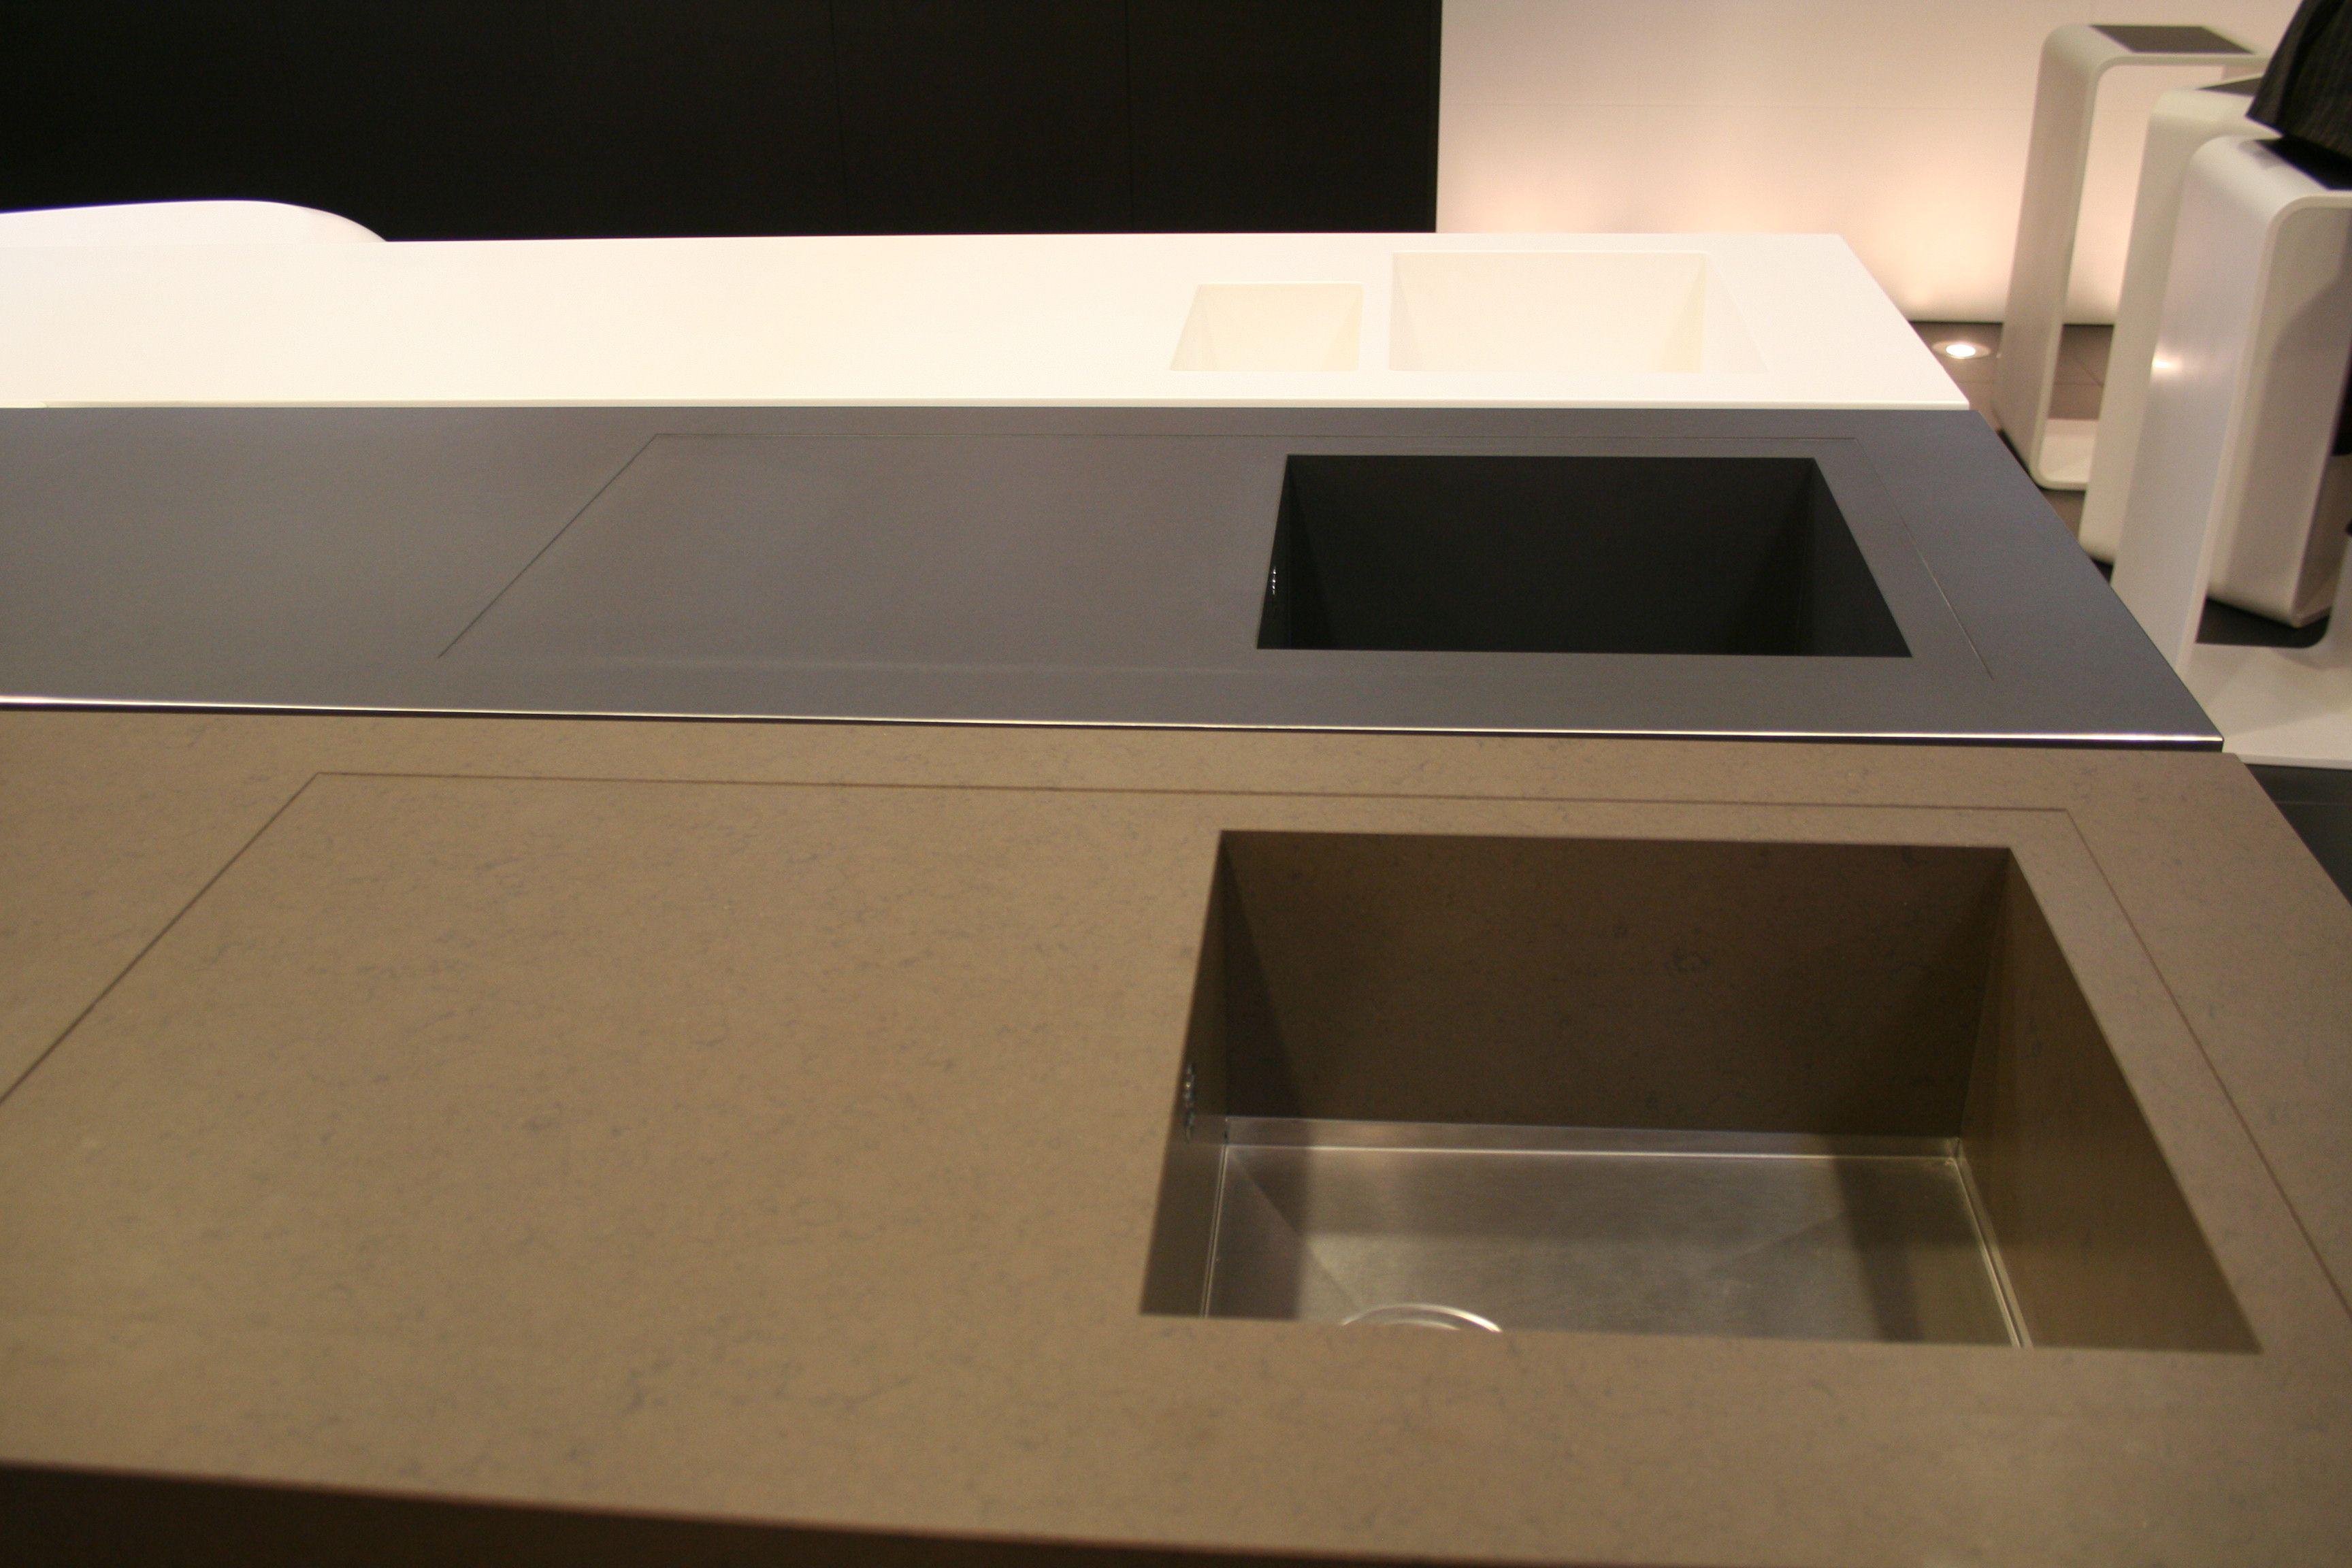 Arbeitsplatte Badezimmer ~ Becken und arbeitsplatte badezimmer design pinterest und and